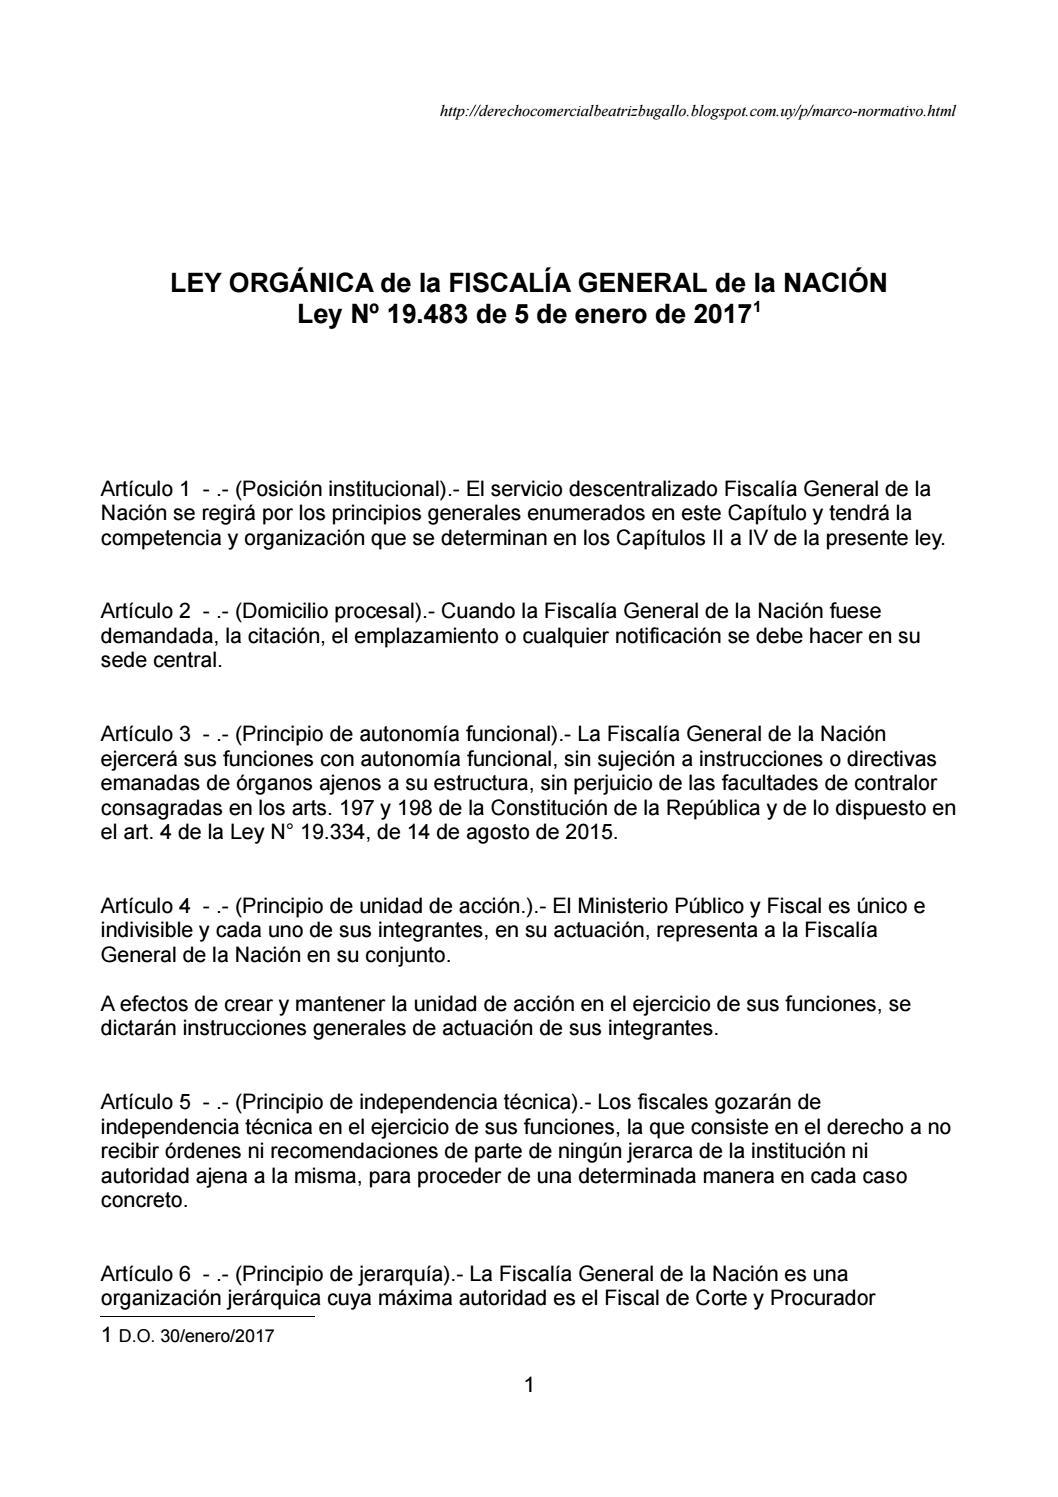 Ley 19483 Fiscalía General De La Nación By Beatriz Bugallo